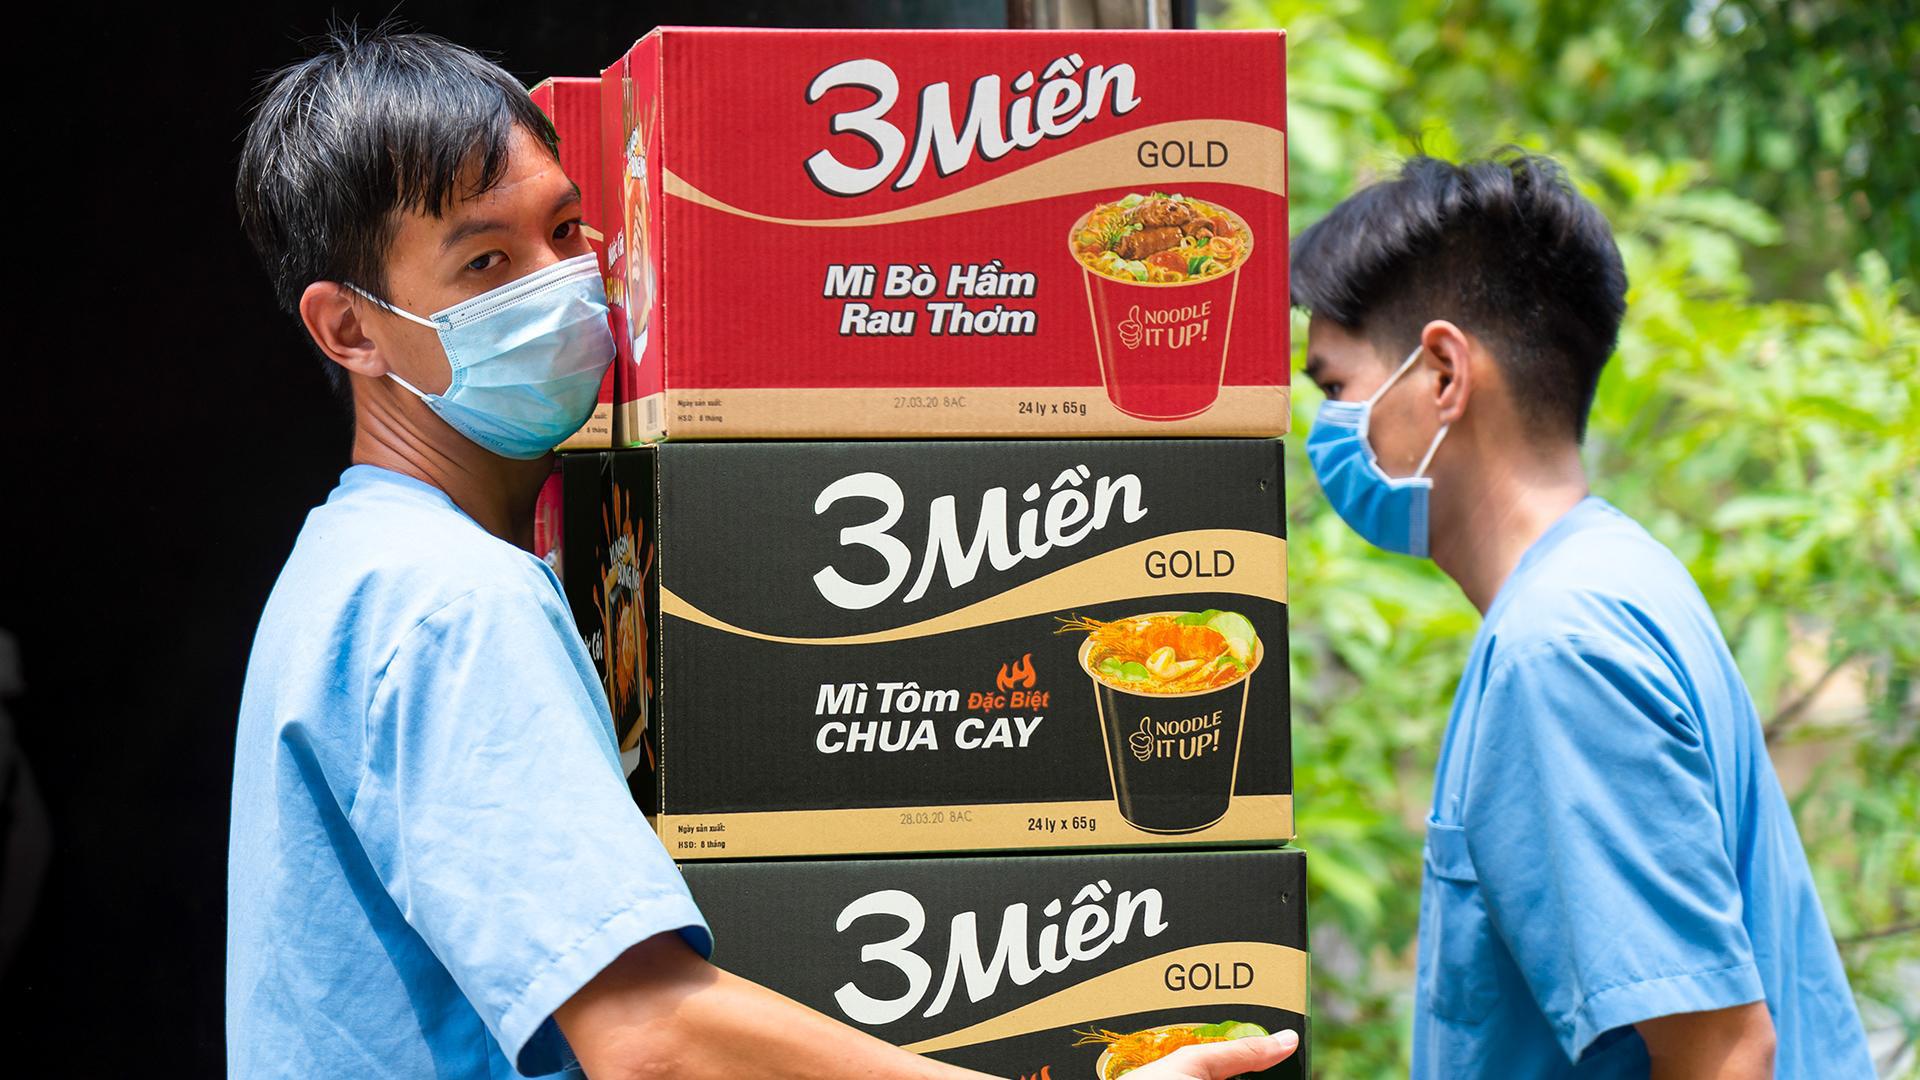 Uniben trao tặng 150.000 bữa ăn dinh dưỡng từ Mì 3 Miền và Nước trái cây Joco cho đội ngũ y bác sĩ các bệnh viện tuyến đầu - Ảnh 7.